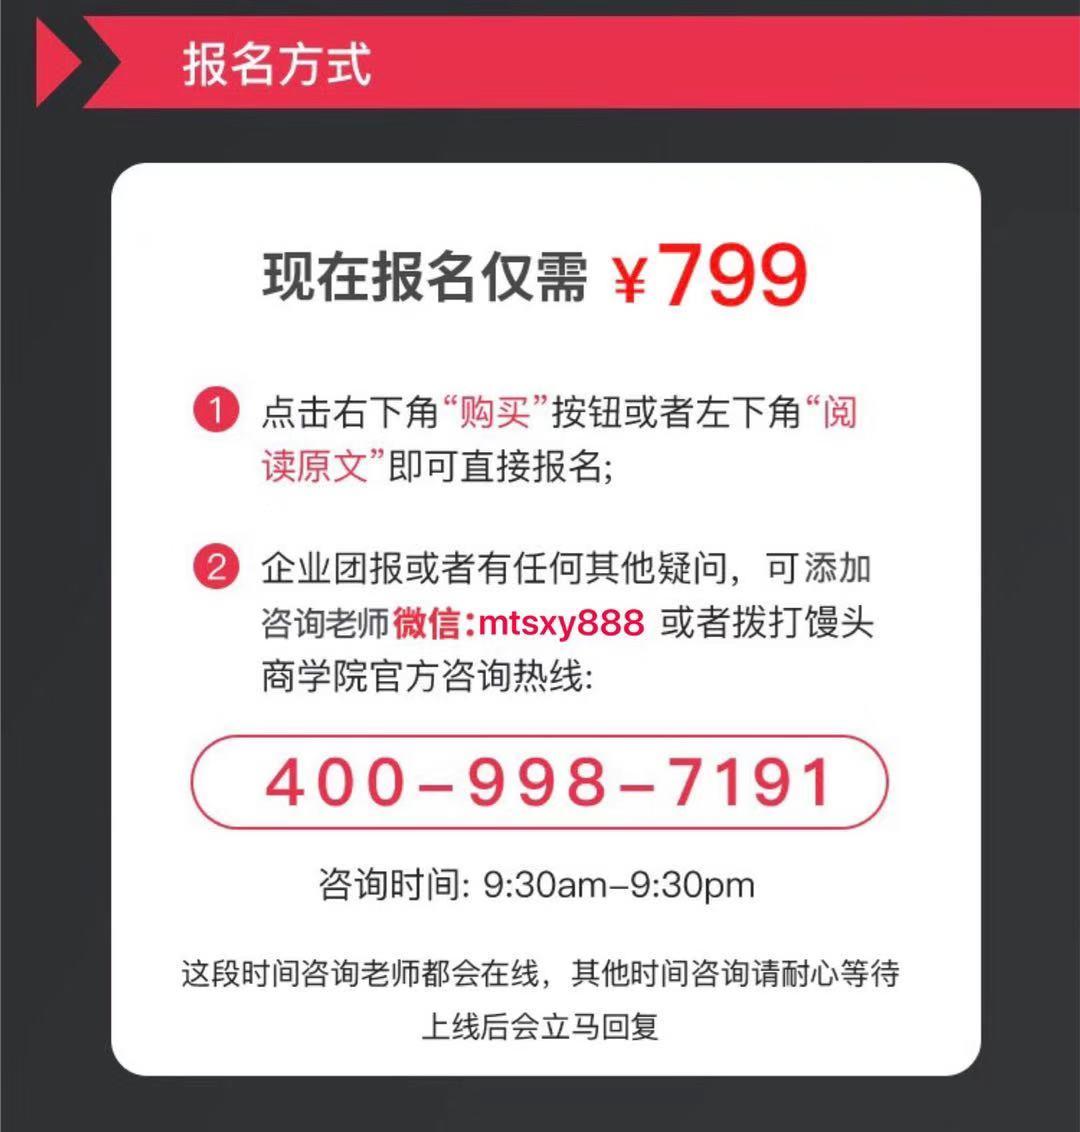 http://mtedu-img.oss-cn-beijing-internal.aliyuncs.com/ueditor/20191230104118_871849.jpeg